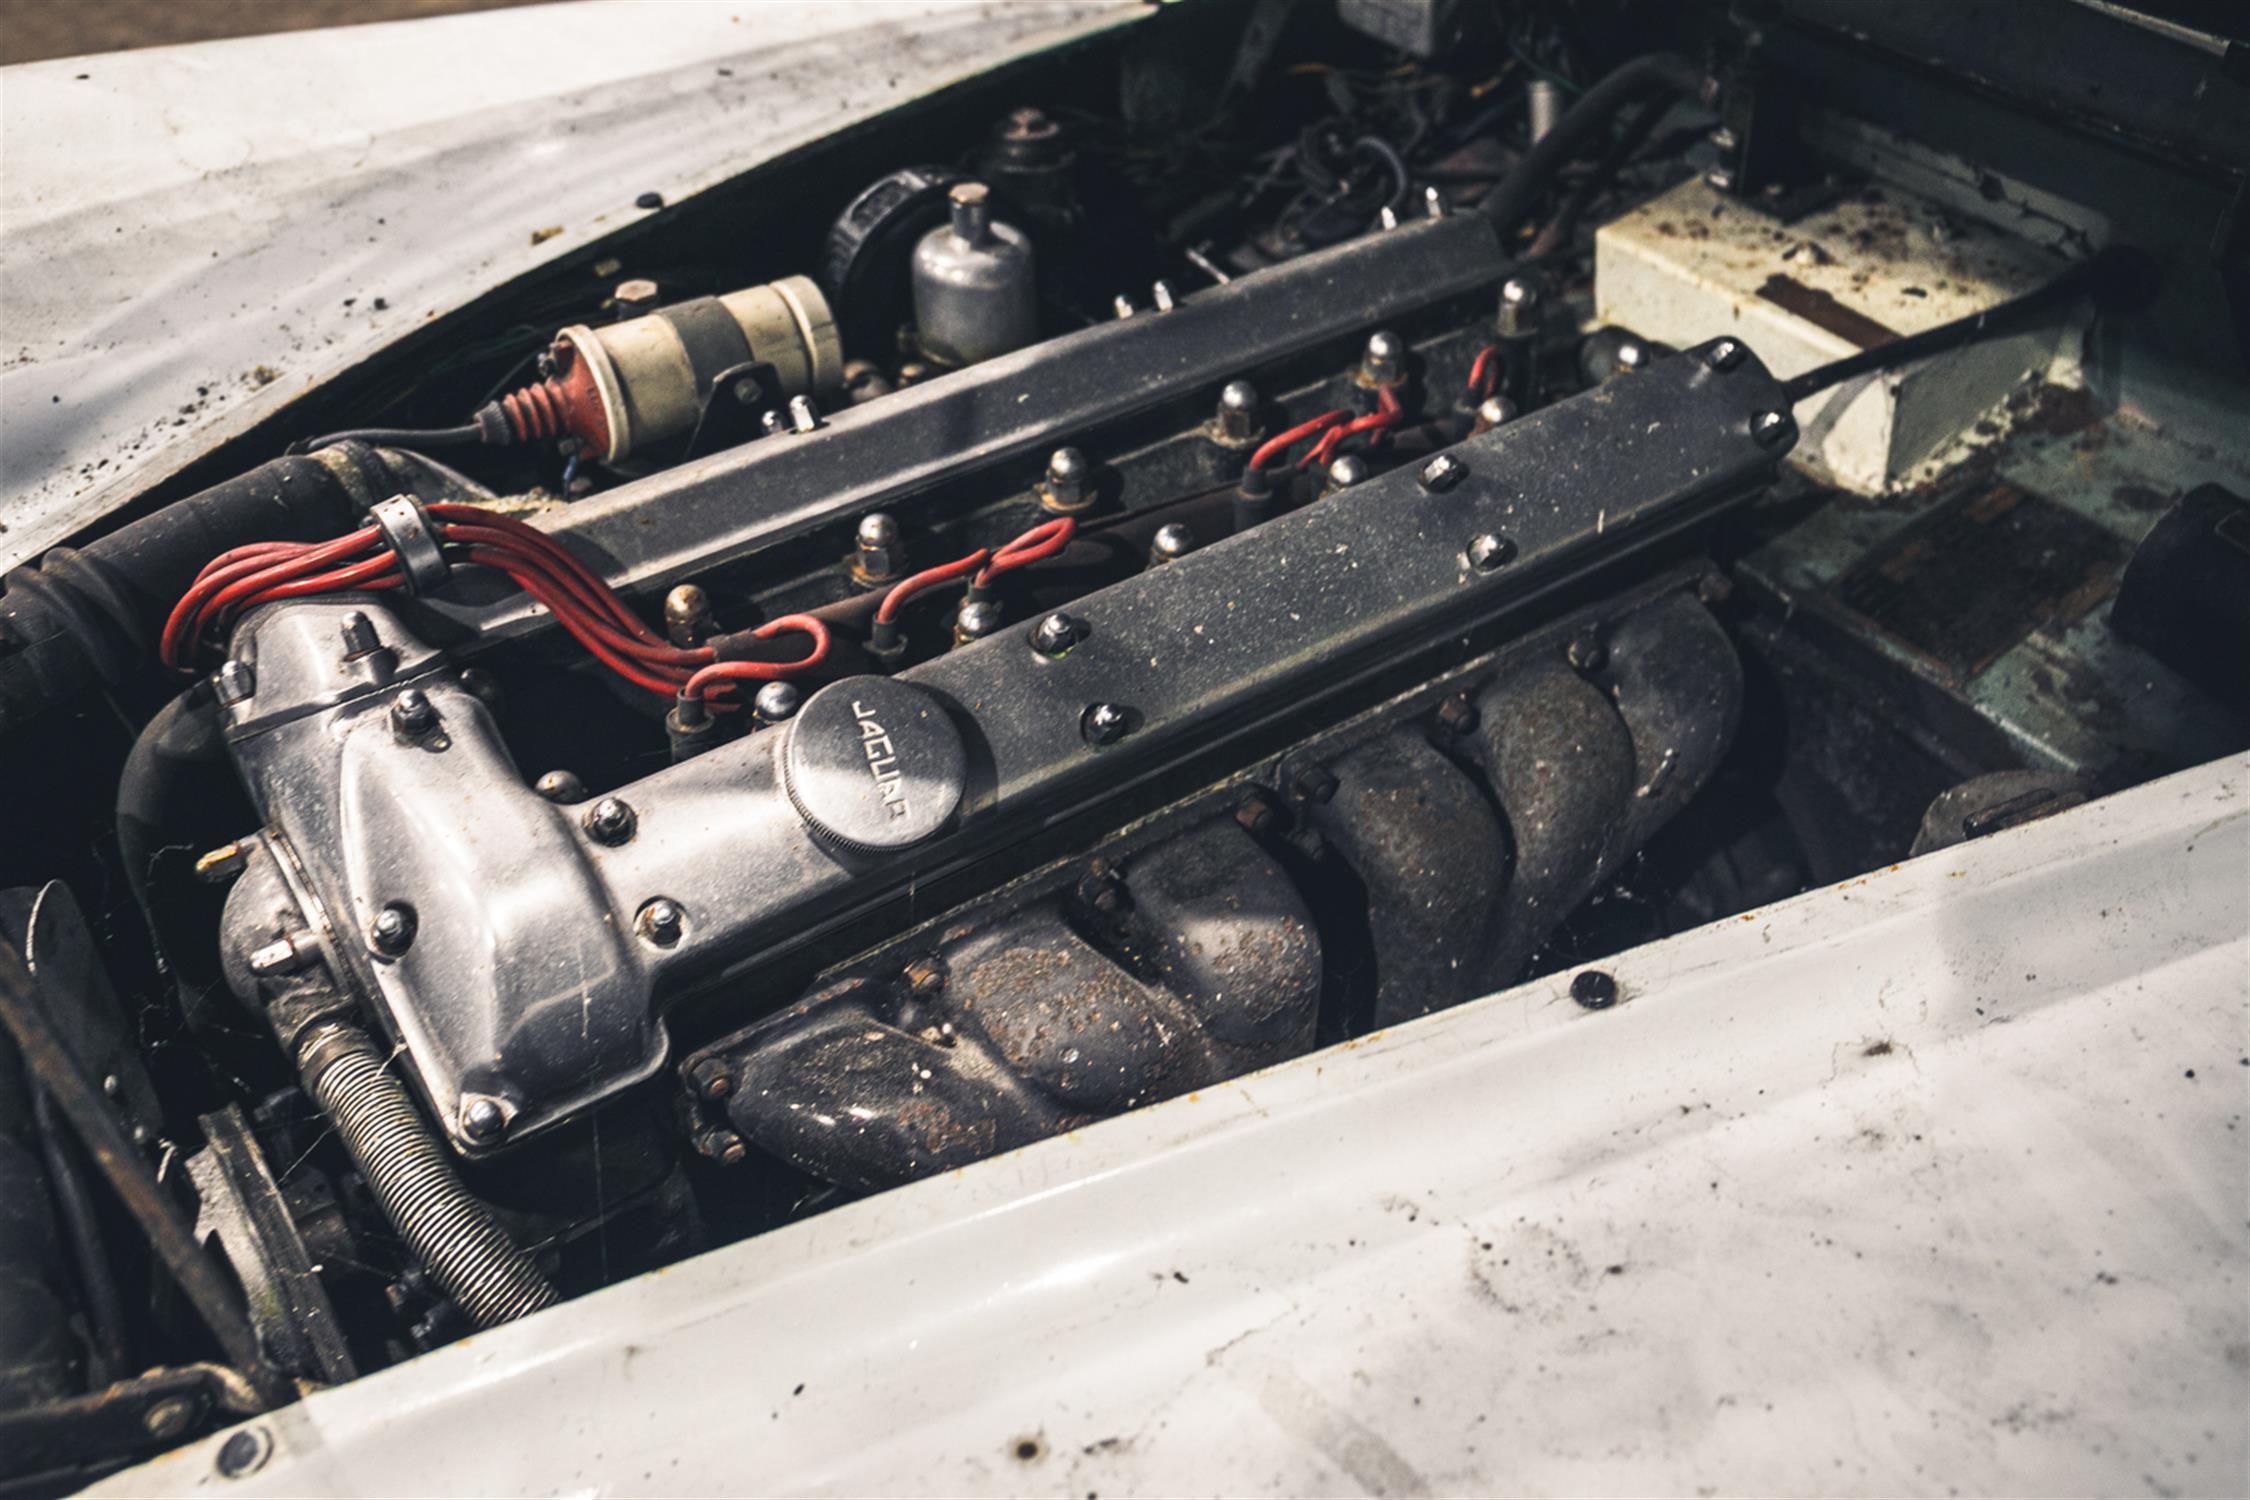 1955 Jaguar XK140 DHC - Image 6 of 10